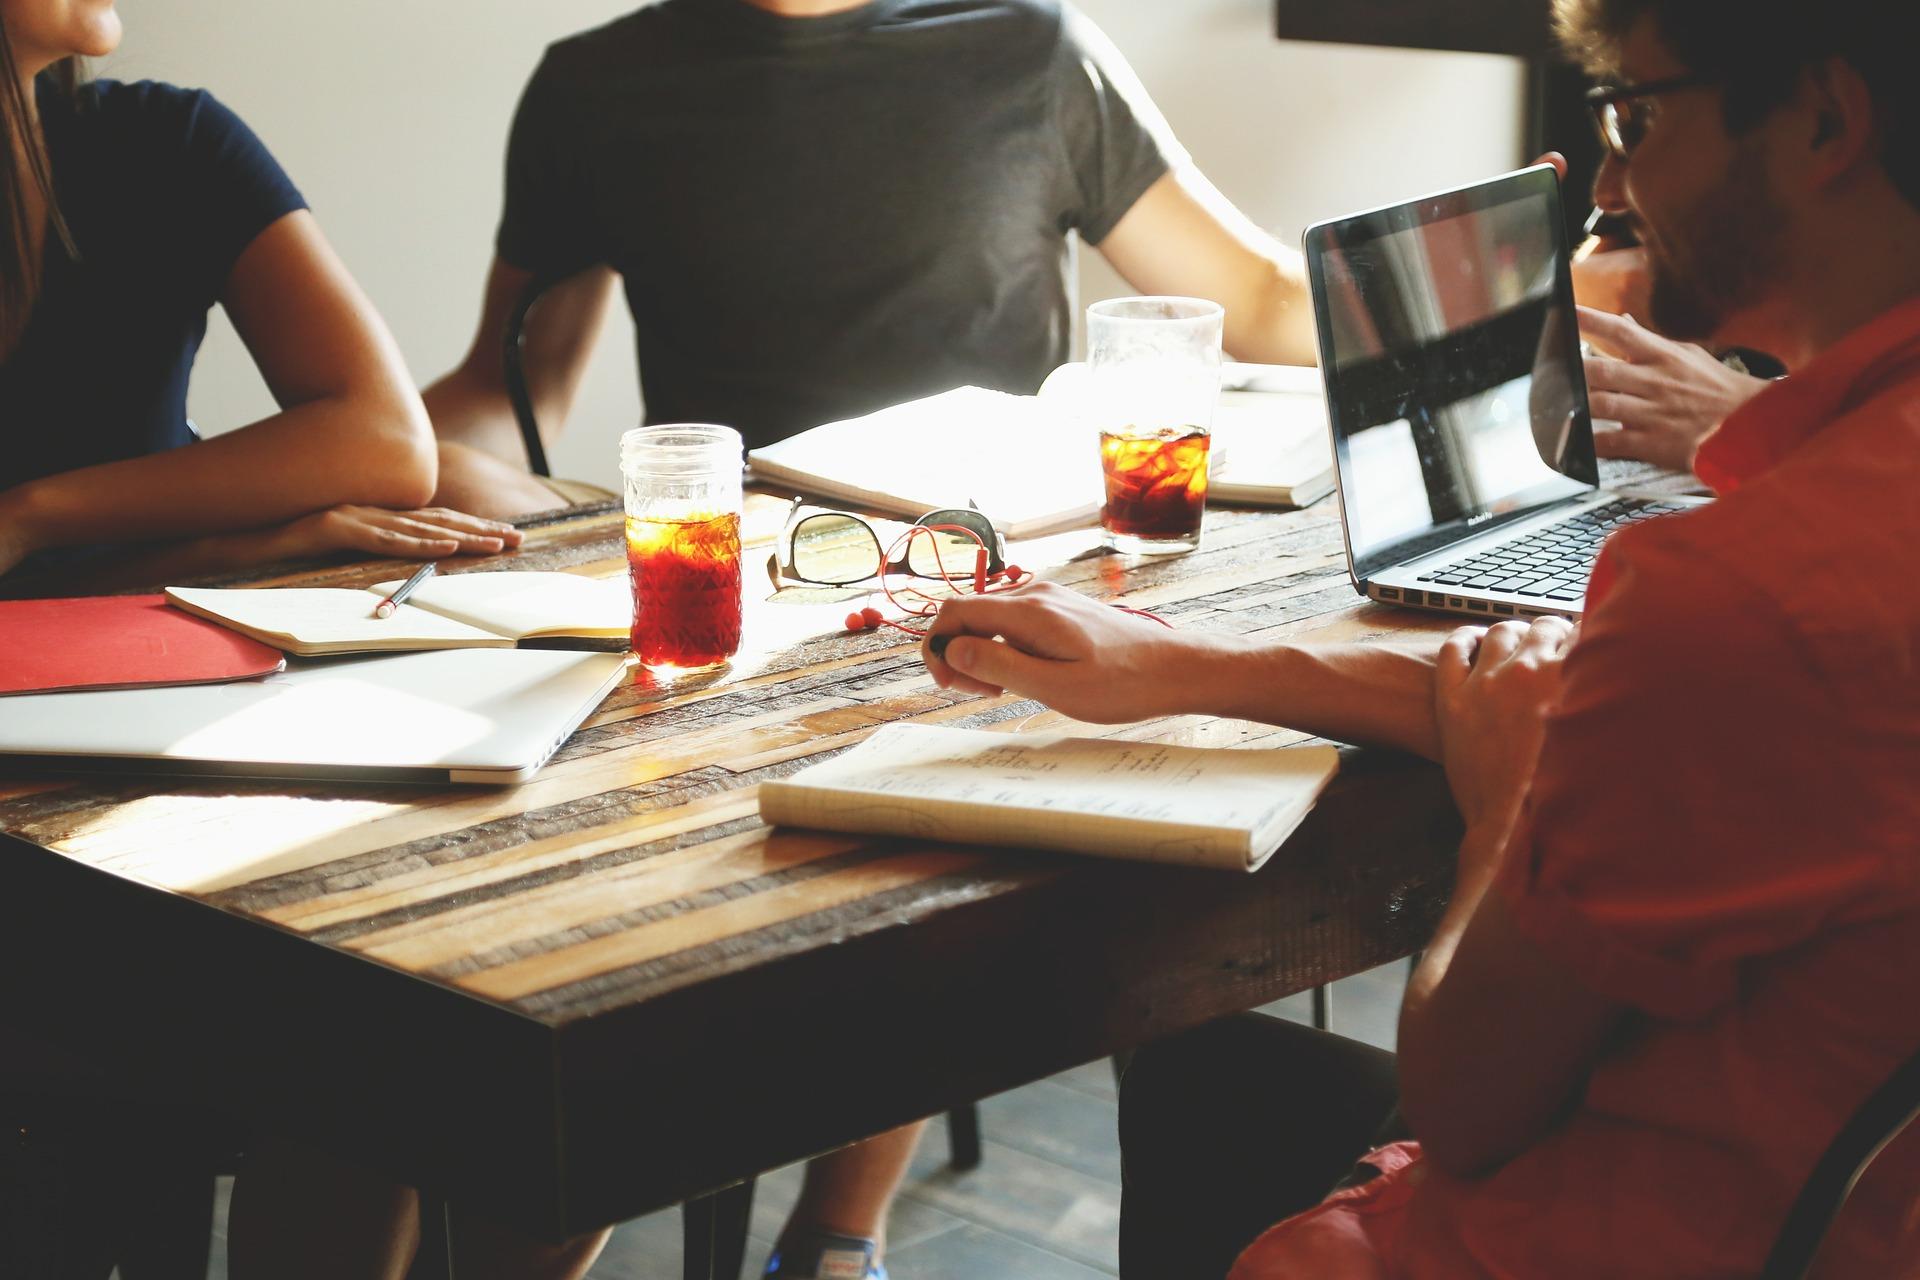 La mayoría de los universitarios saben que es vital la experiencia previa al momento de iniciar su vida laboral, pero, ¿cómo se obtiene?